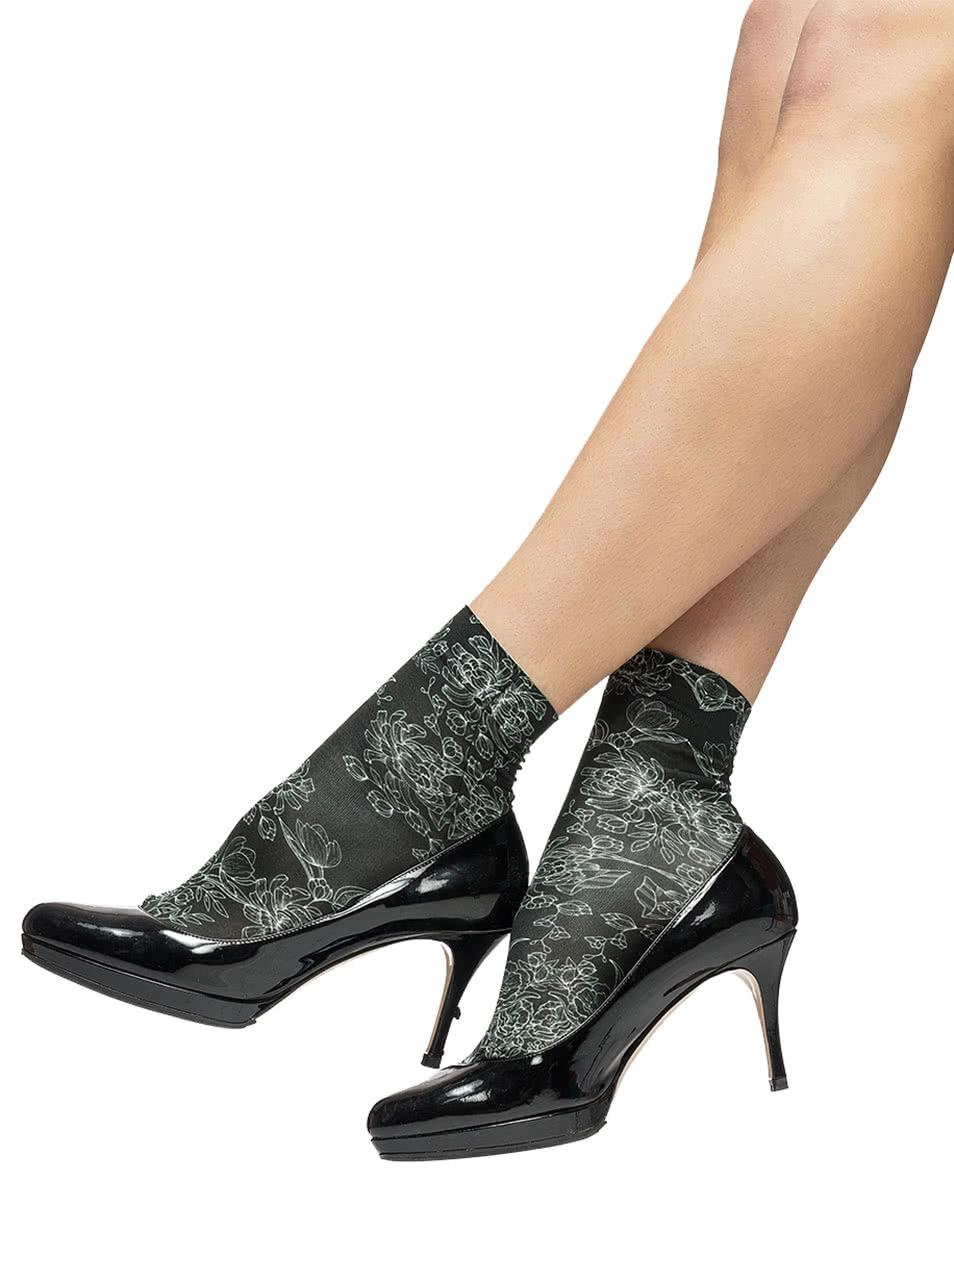 273b9536d4 Čierne kvetované silikónové ponožky Oroblu Annabelle ...